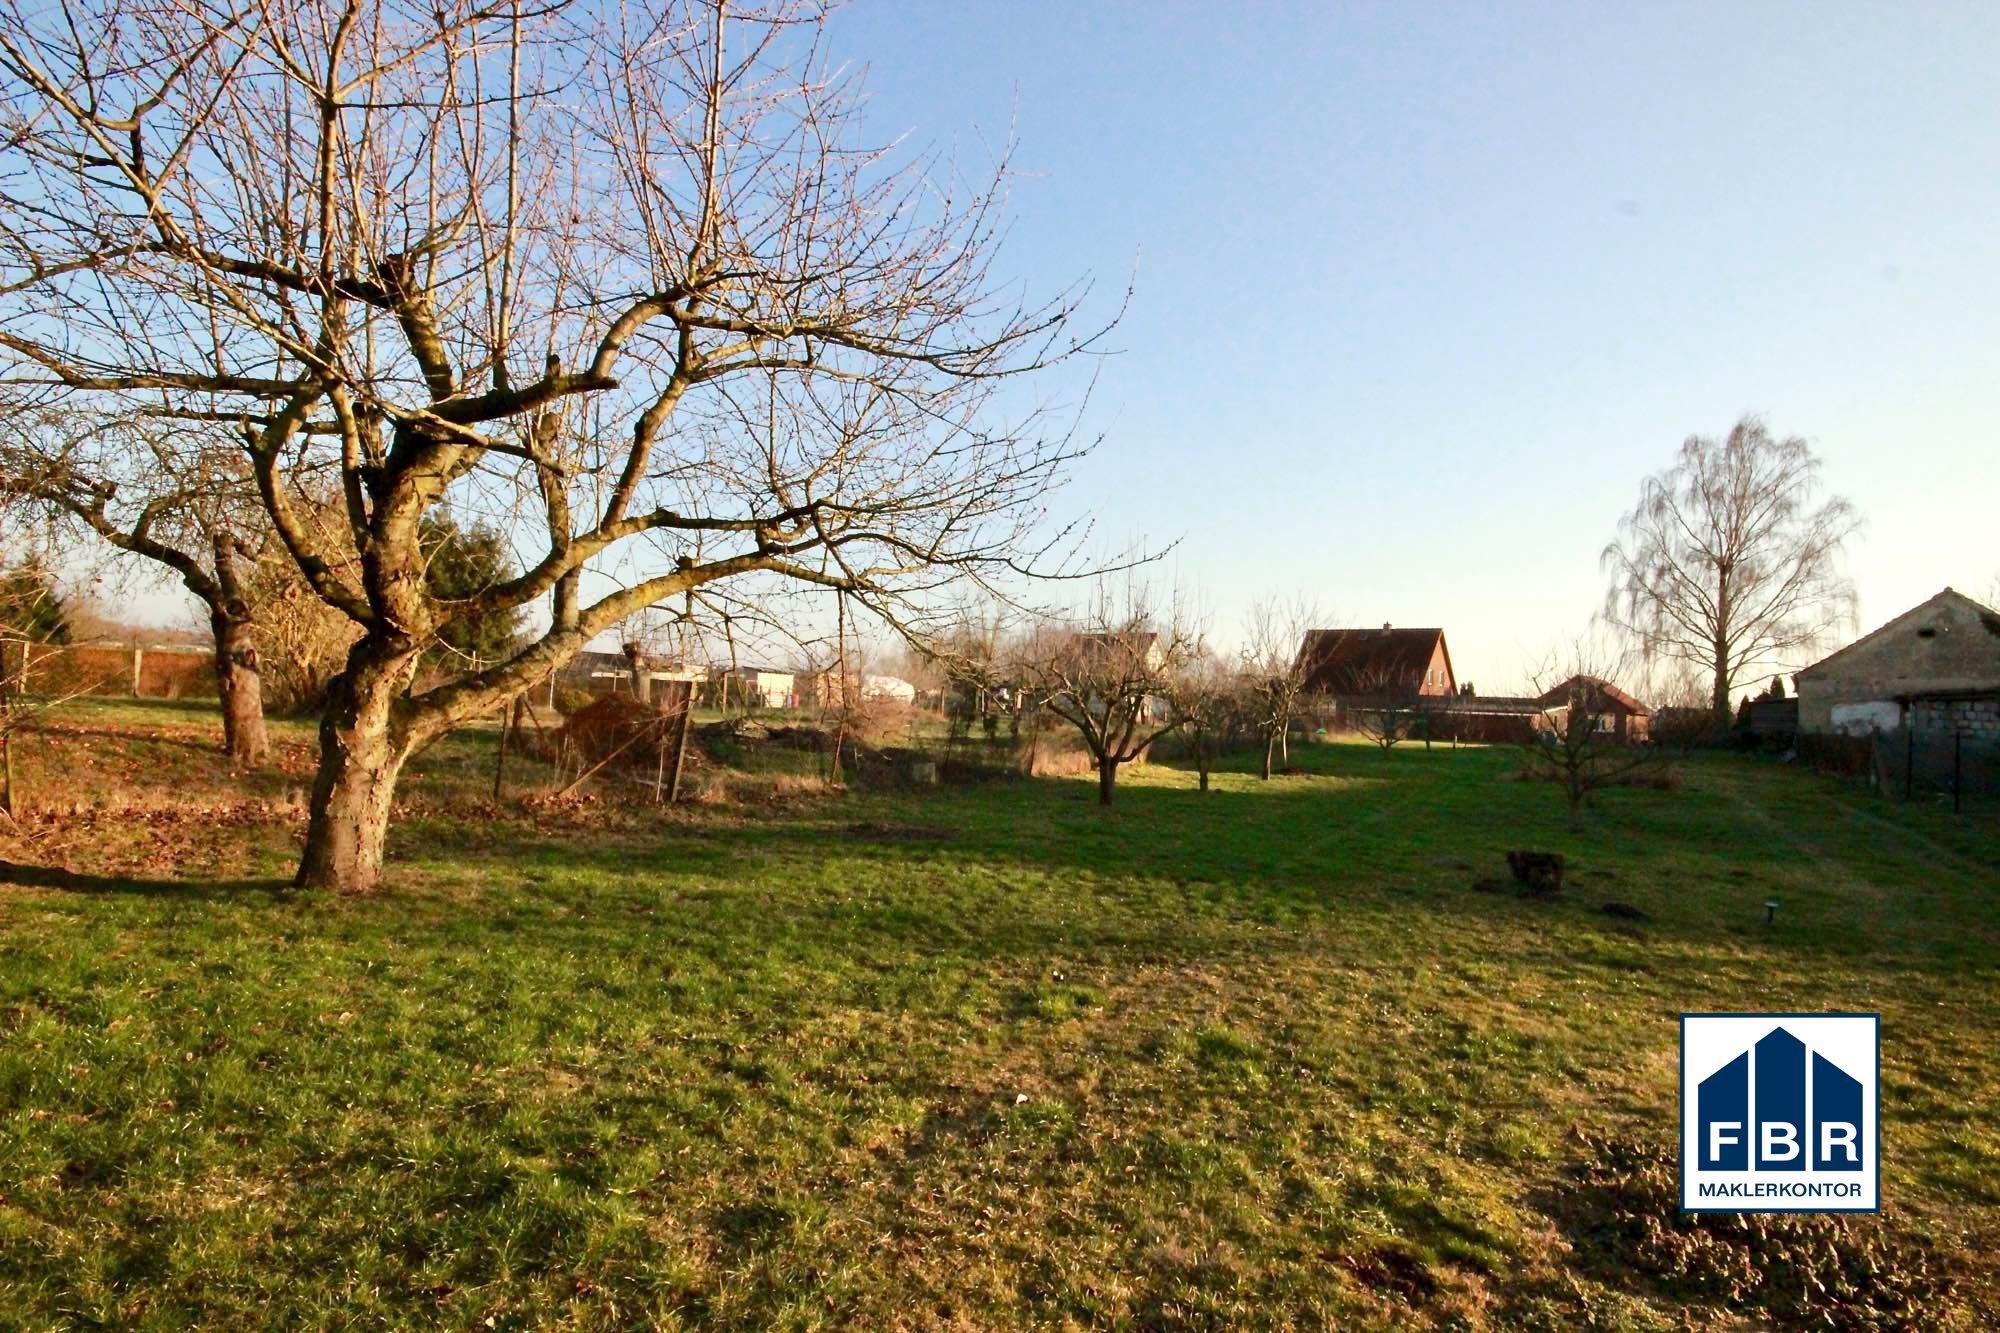 Grünanlage auf dem Grundstück